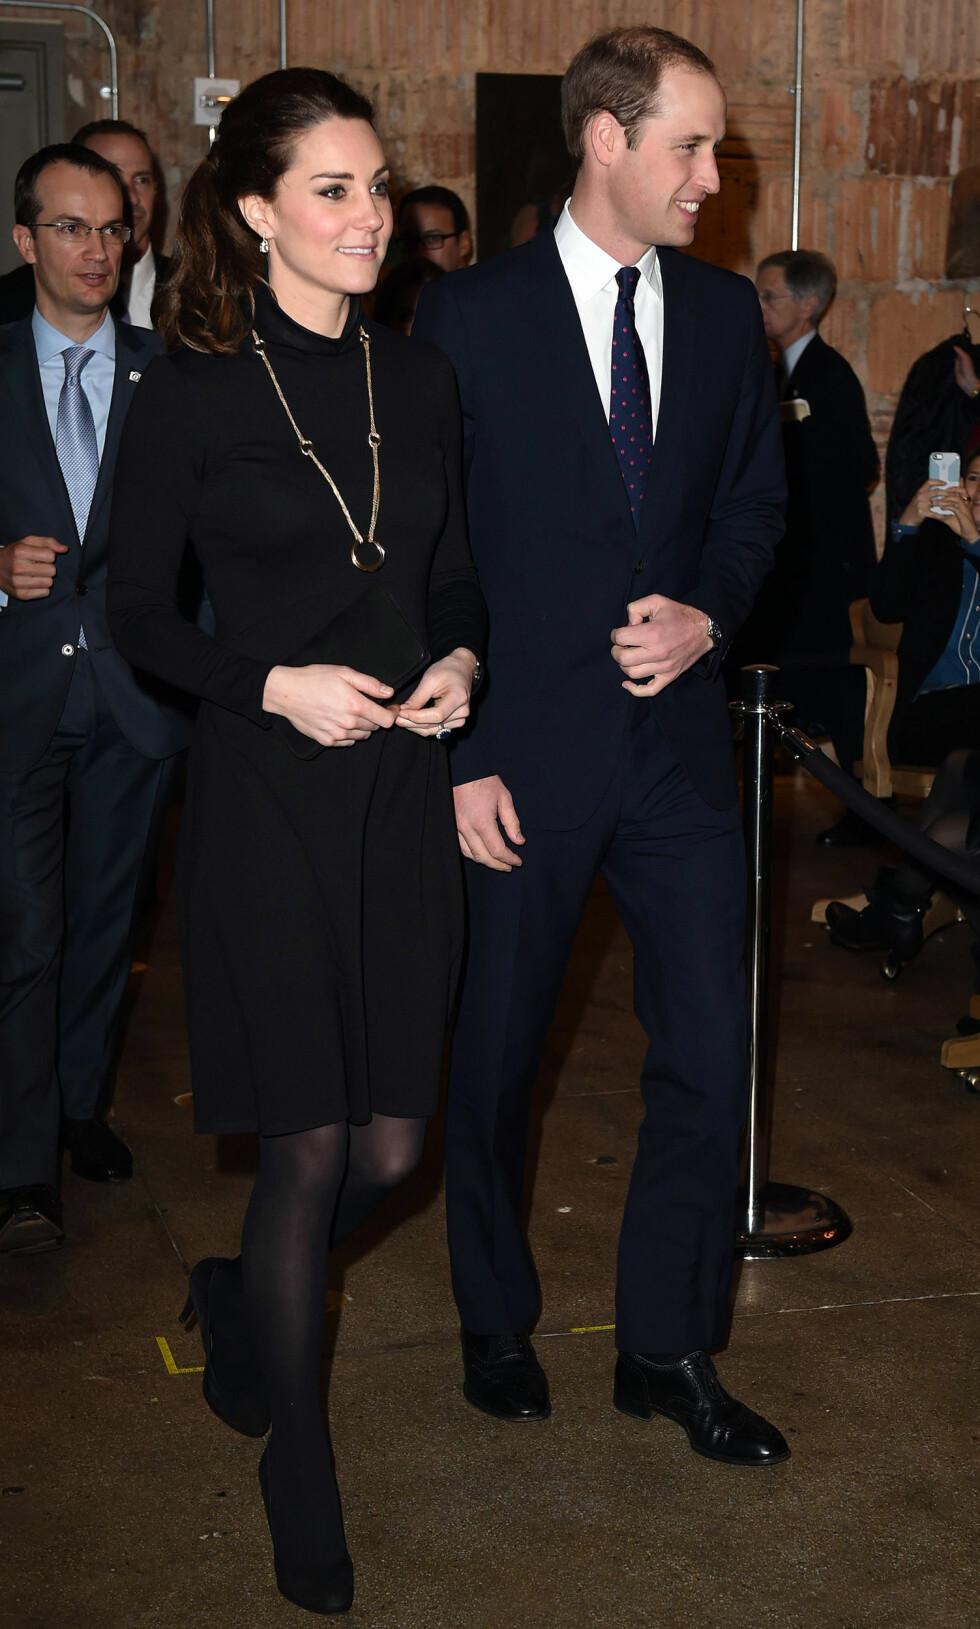 LITT 60-TALLS: I denne langermede høyhalsede kjolen er Kate et syn - her i New York på offisielt besøk denne uken.   Foto: REX/Tim Rooke/All Over Press